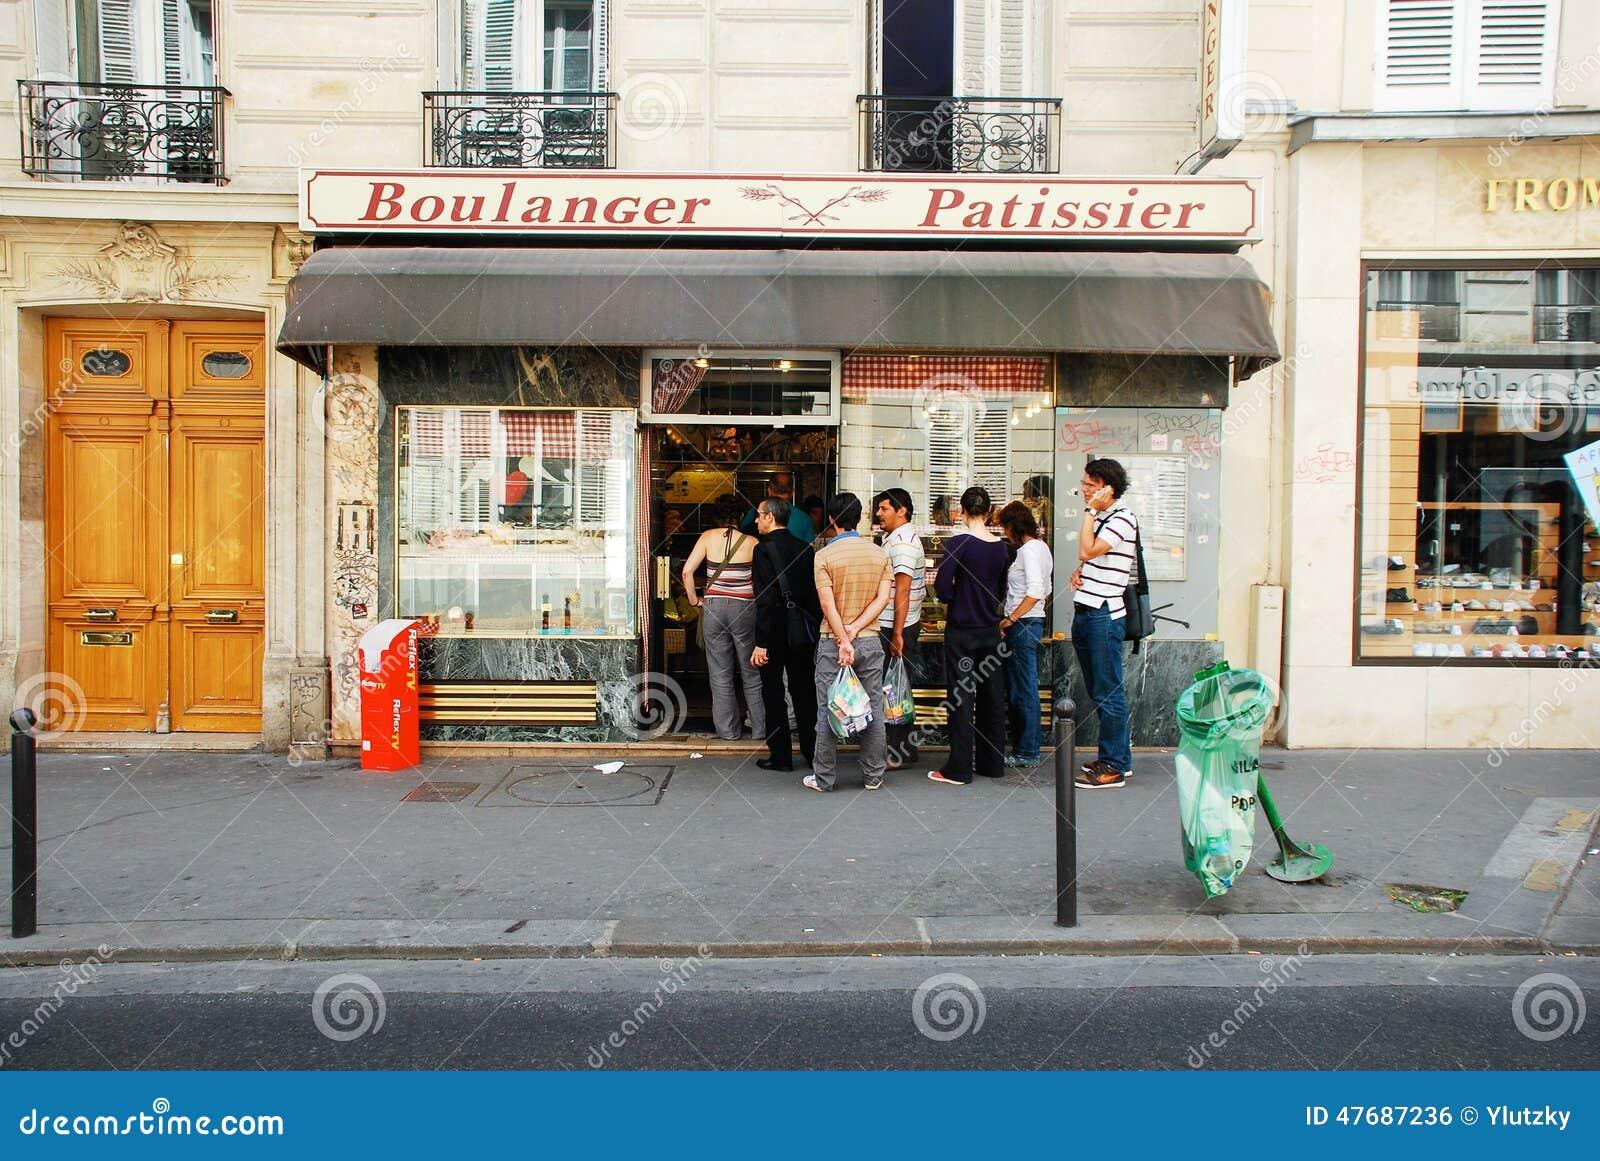 Gullig fransk symbolsillustration för bageri